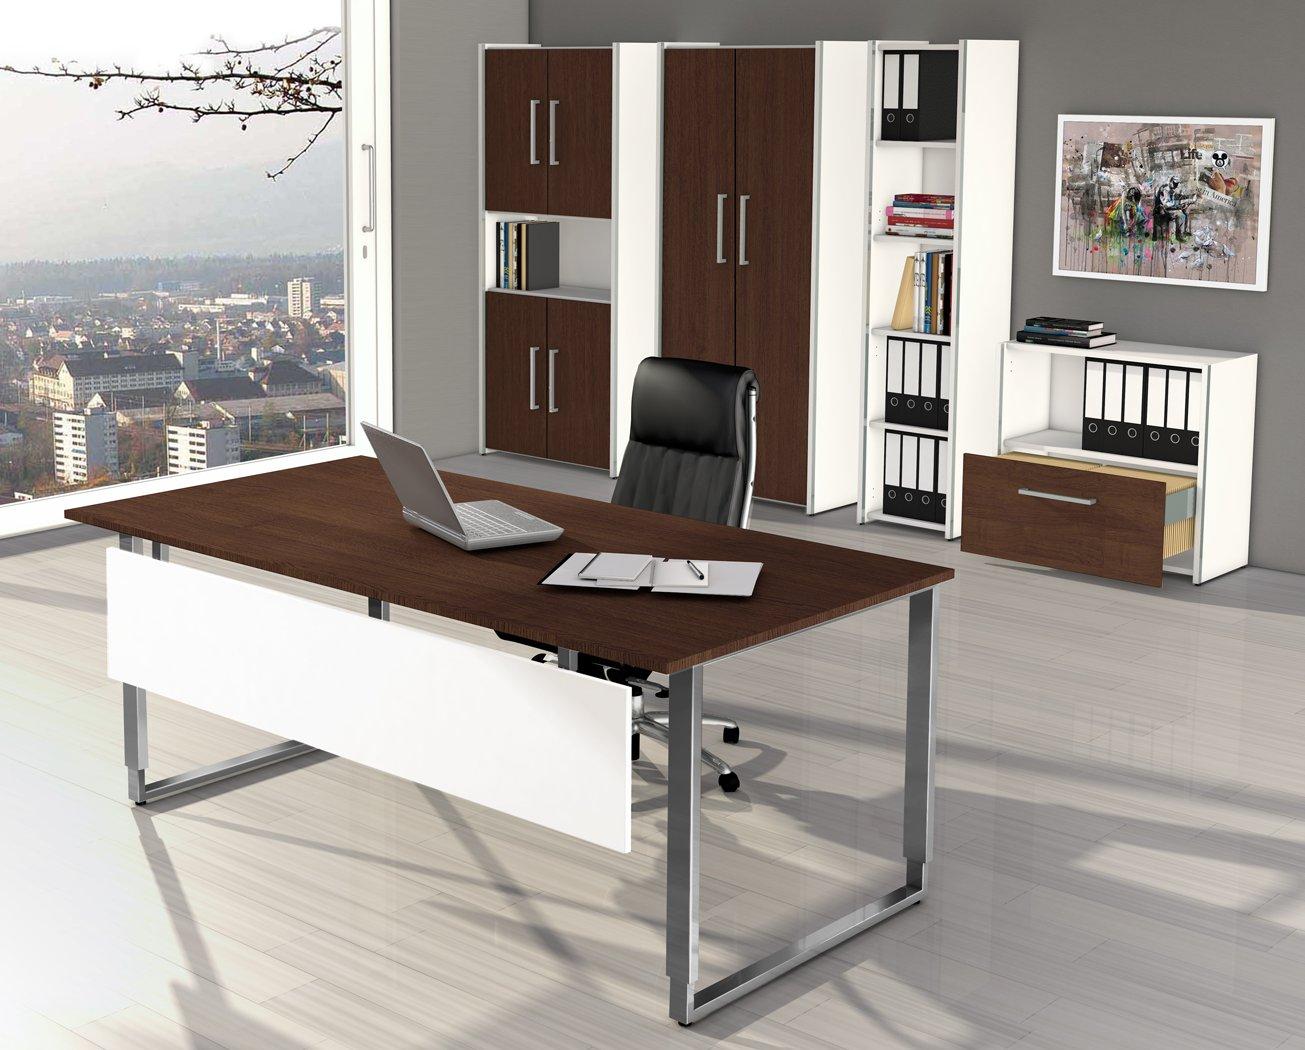 Büroeinrichtung Design ~ Abb BüromöbelKollektion Aveto Weiß WengeDekor  Moderne Und